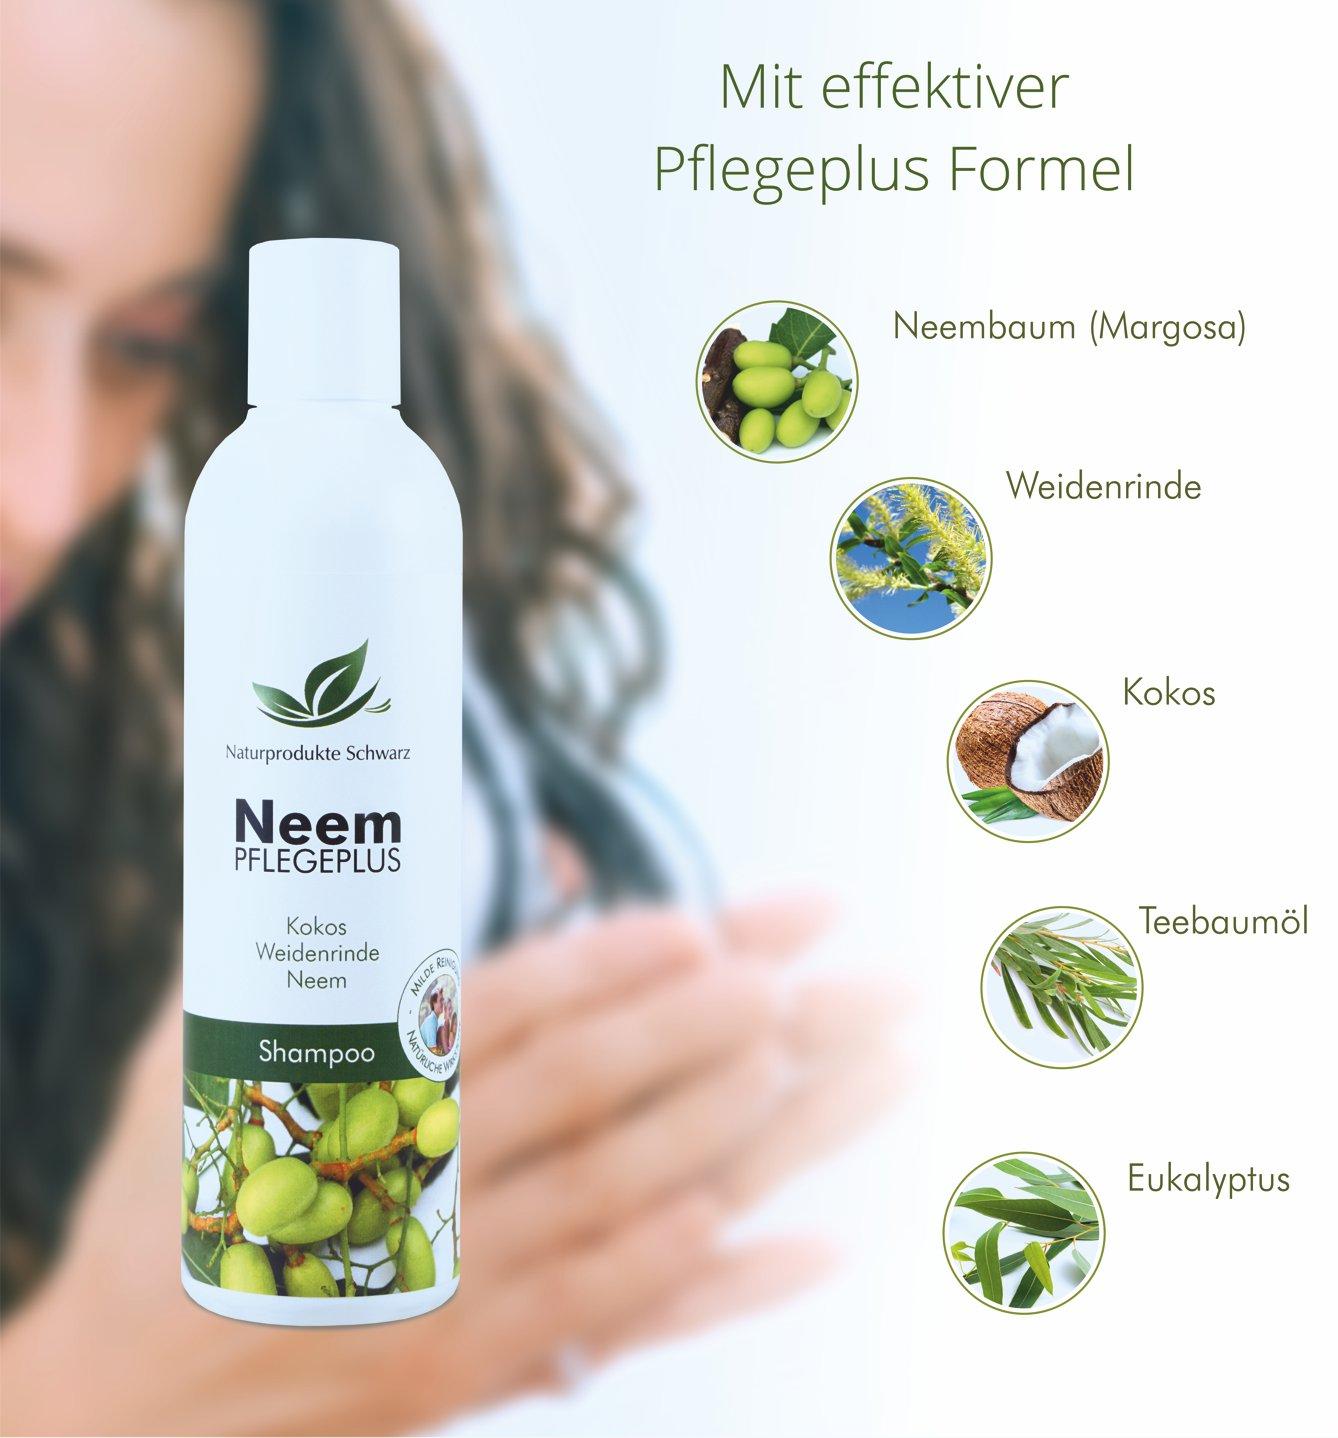 naturprodukte-schwarz-neem-shampoo-weidenrinde